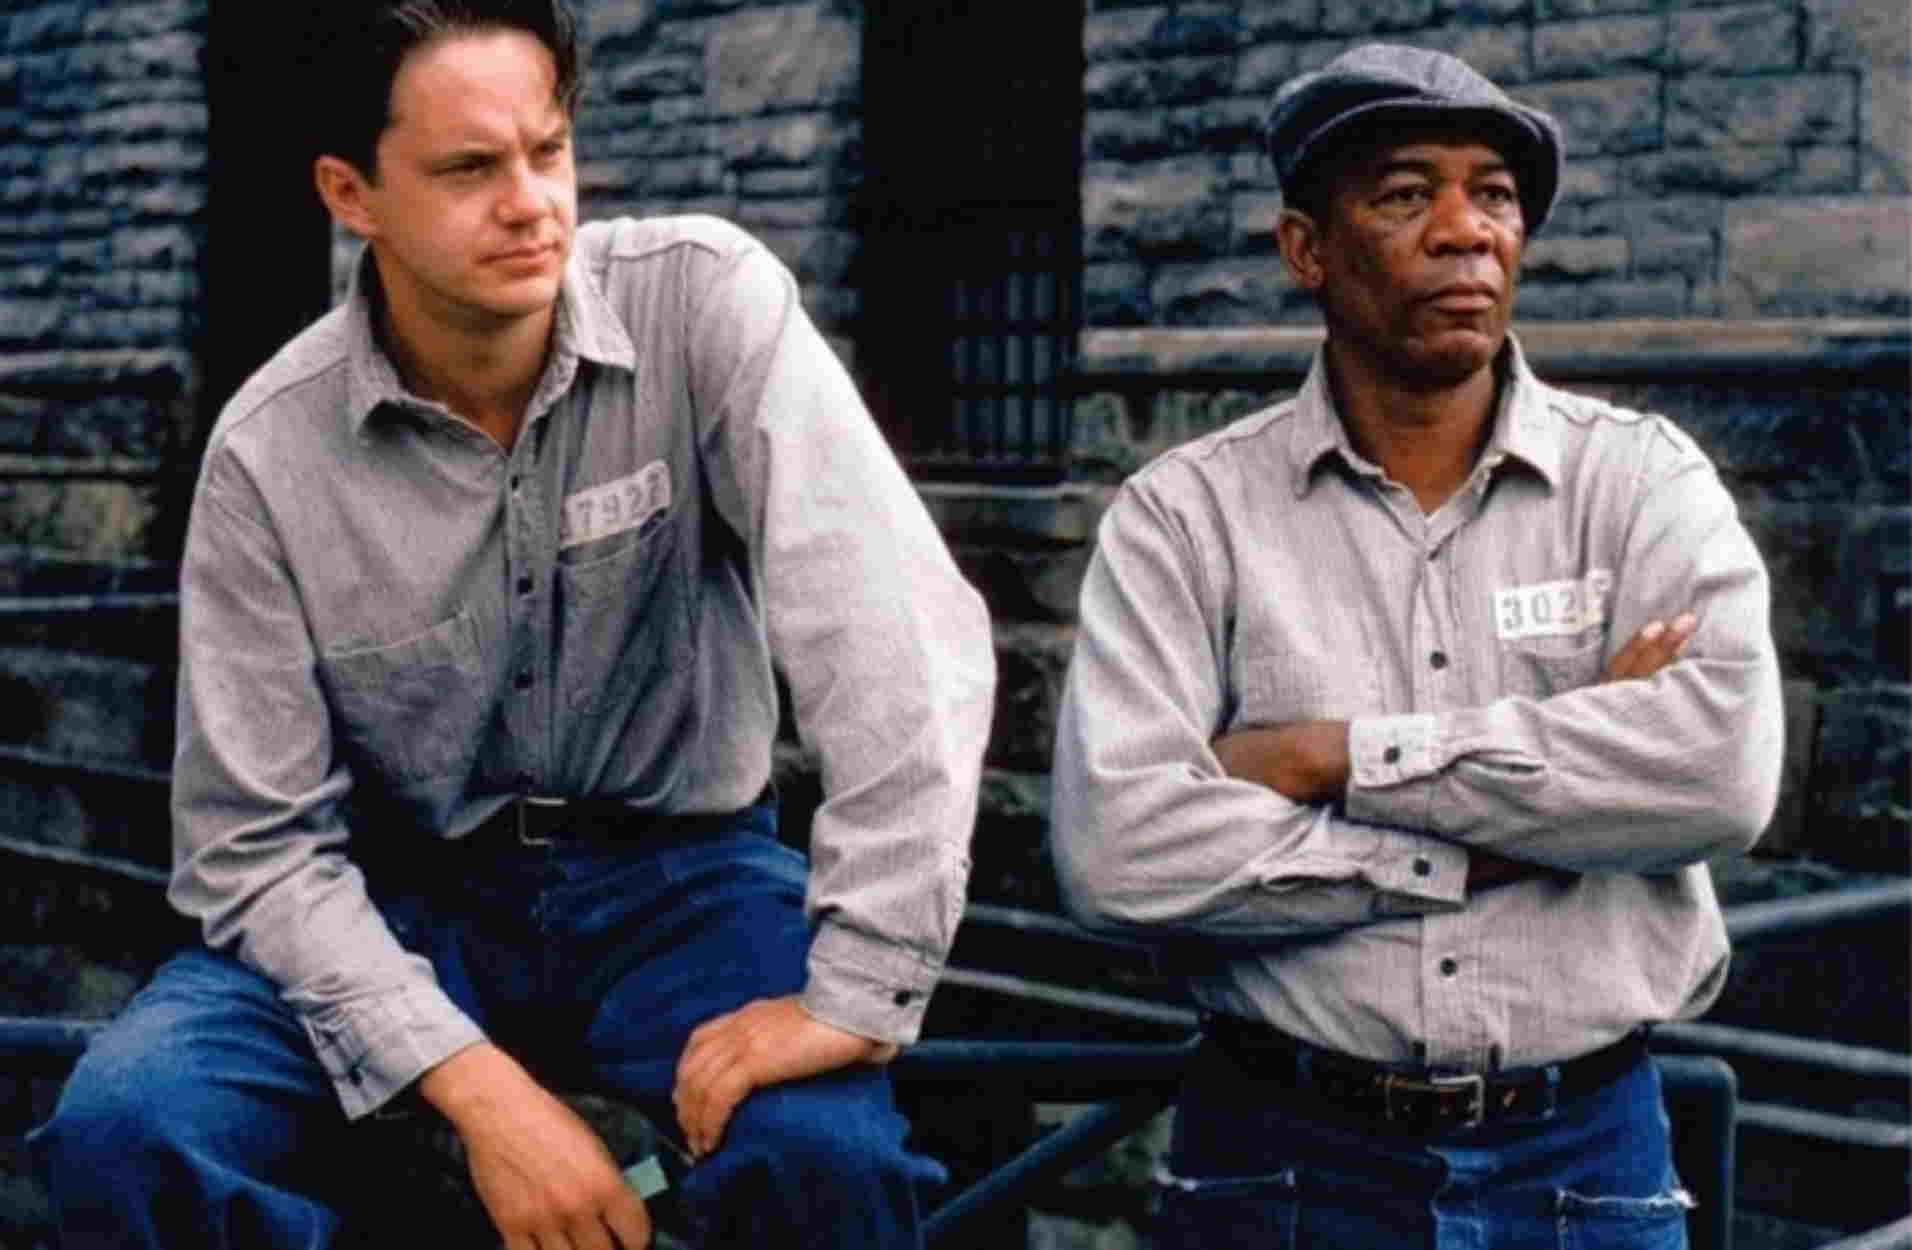 20+1 ταινίες από τα 90's που πρέπει να παρακολουθήσεις μια φορά στην ζωή σου